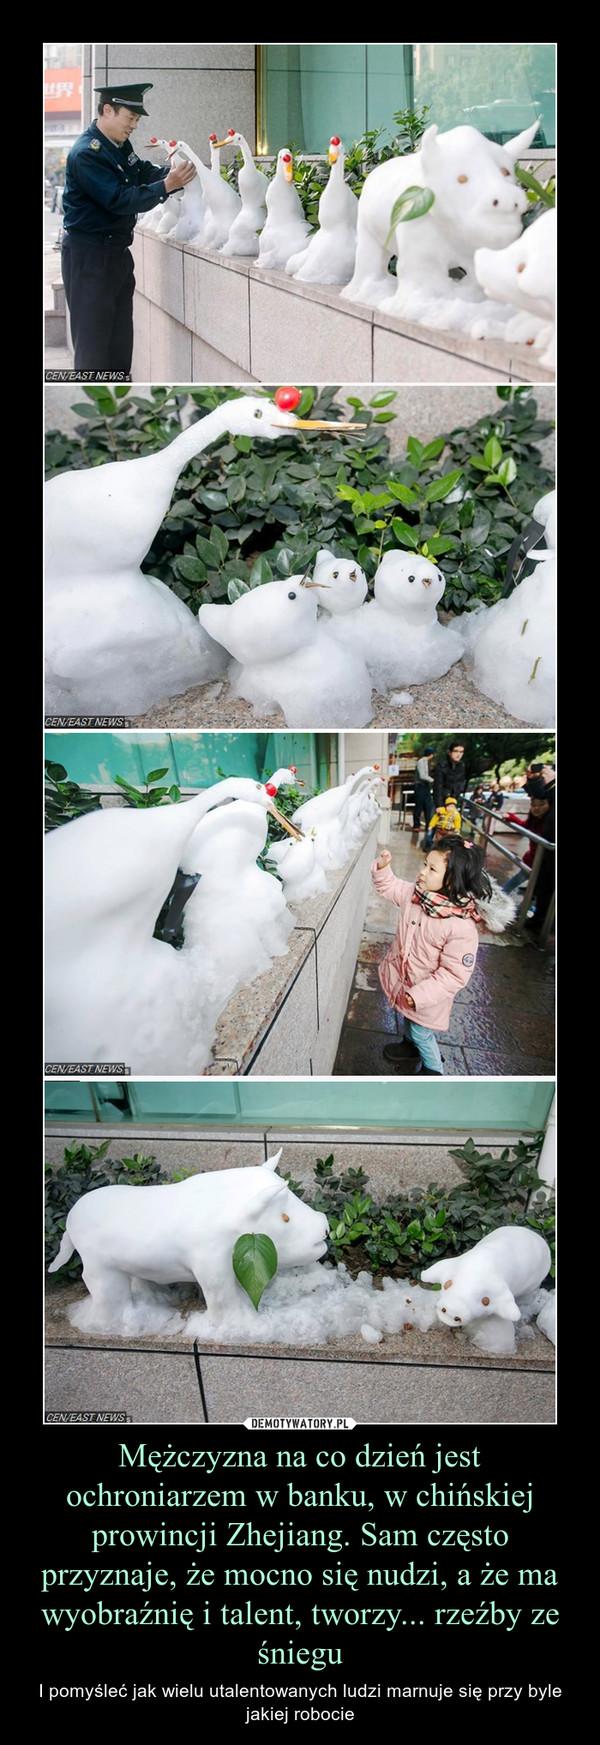 Mężczyzna na co dzień jest ochroniarzem w banku, w chińskiej prowincji Zhejiang. Sam często przyznaje, że mocno się nudzi, a że ma wyobraźnię i talent, tworzy... rzeźby ze śniegu – I pomyśleć jak wielu utalentowanych ludzi marnuje się przy byle jakiej robocie